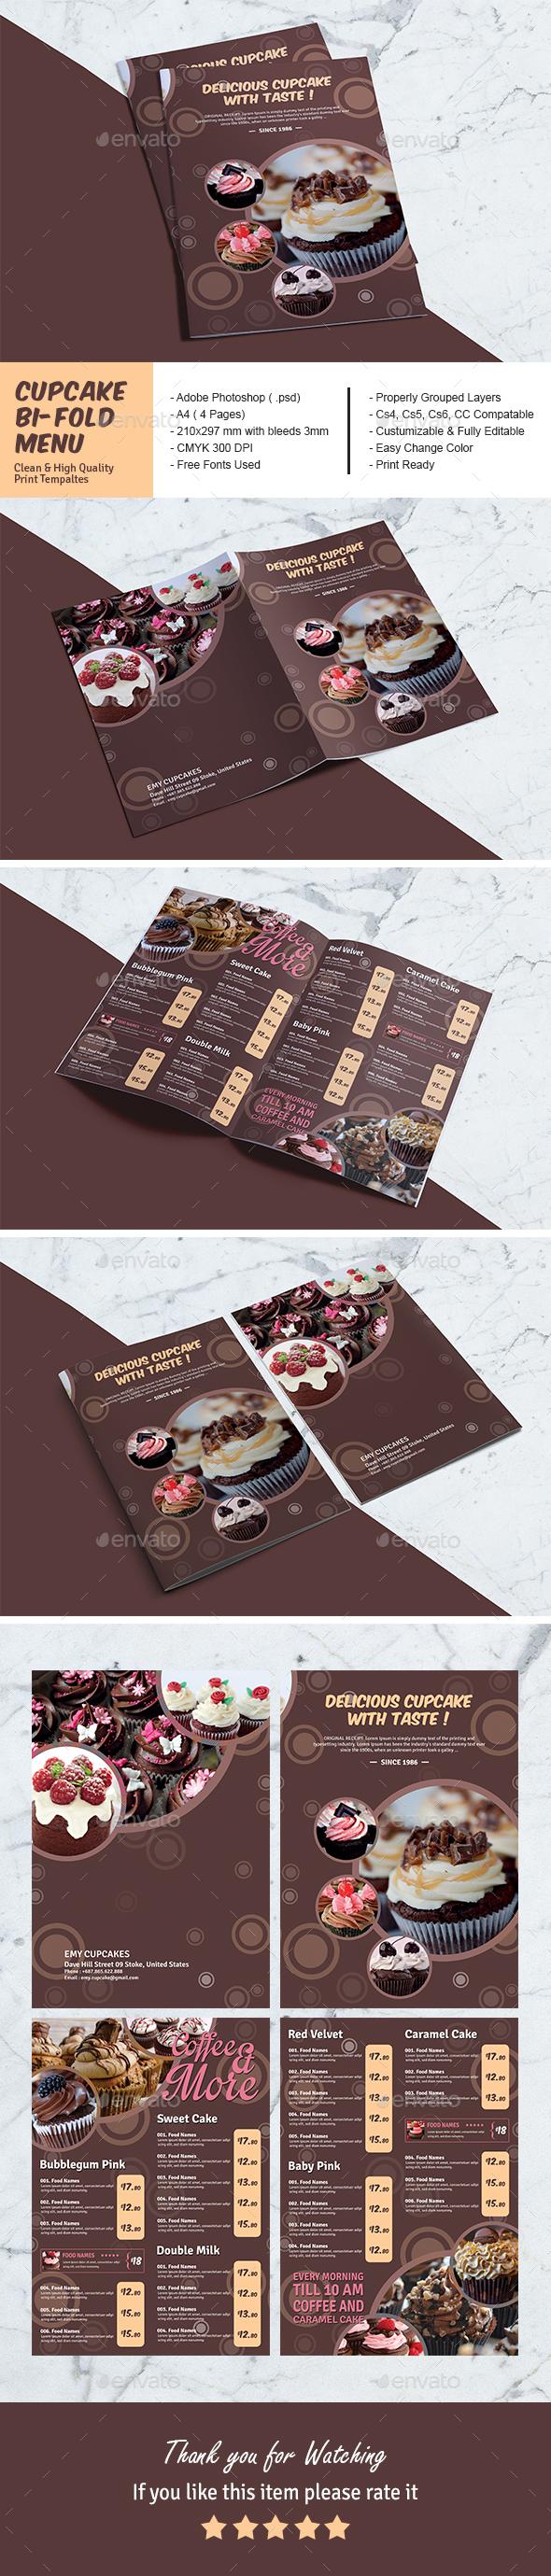 Cupcake Bi-Fold Menu Template - Food Menus Print Templates